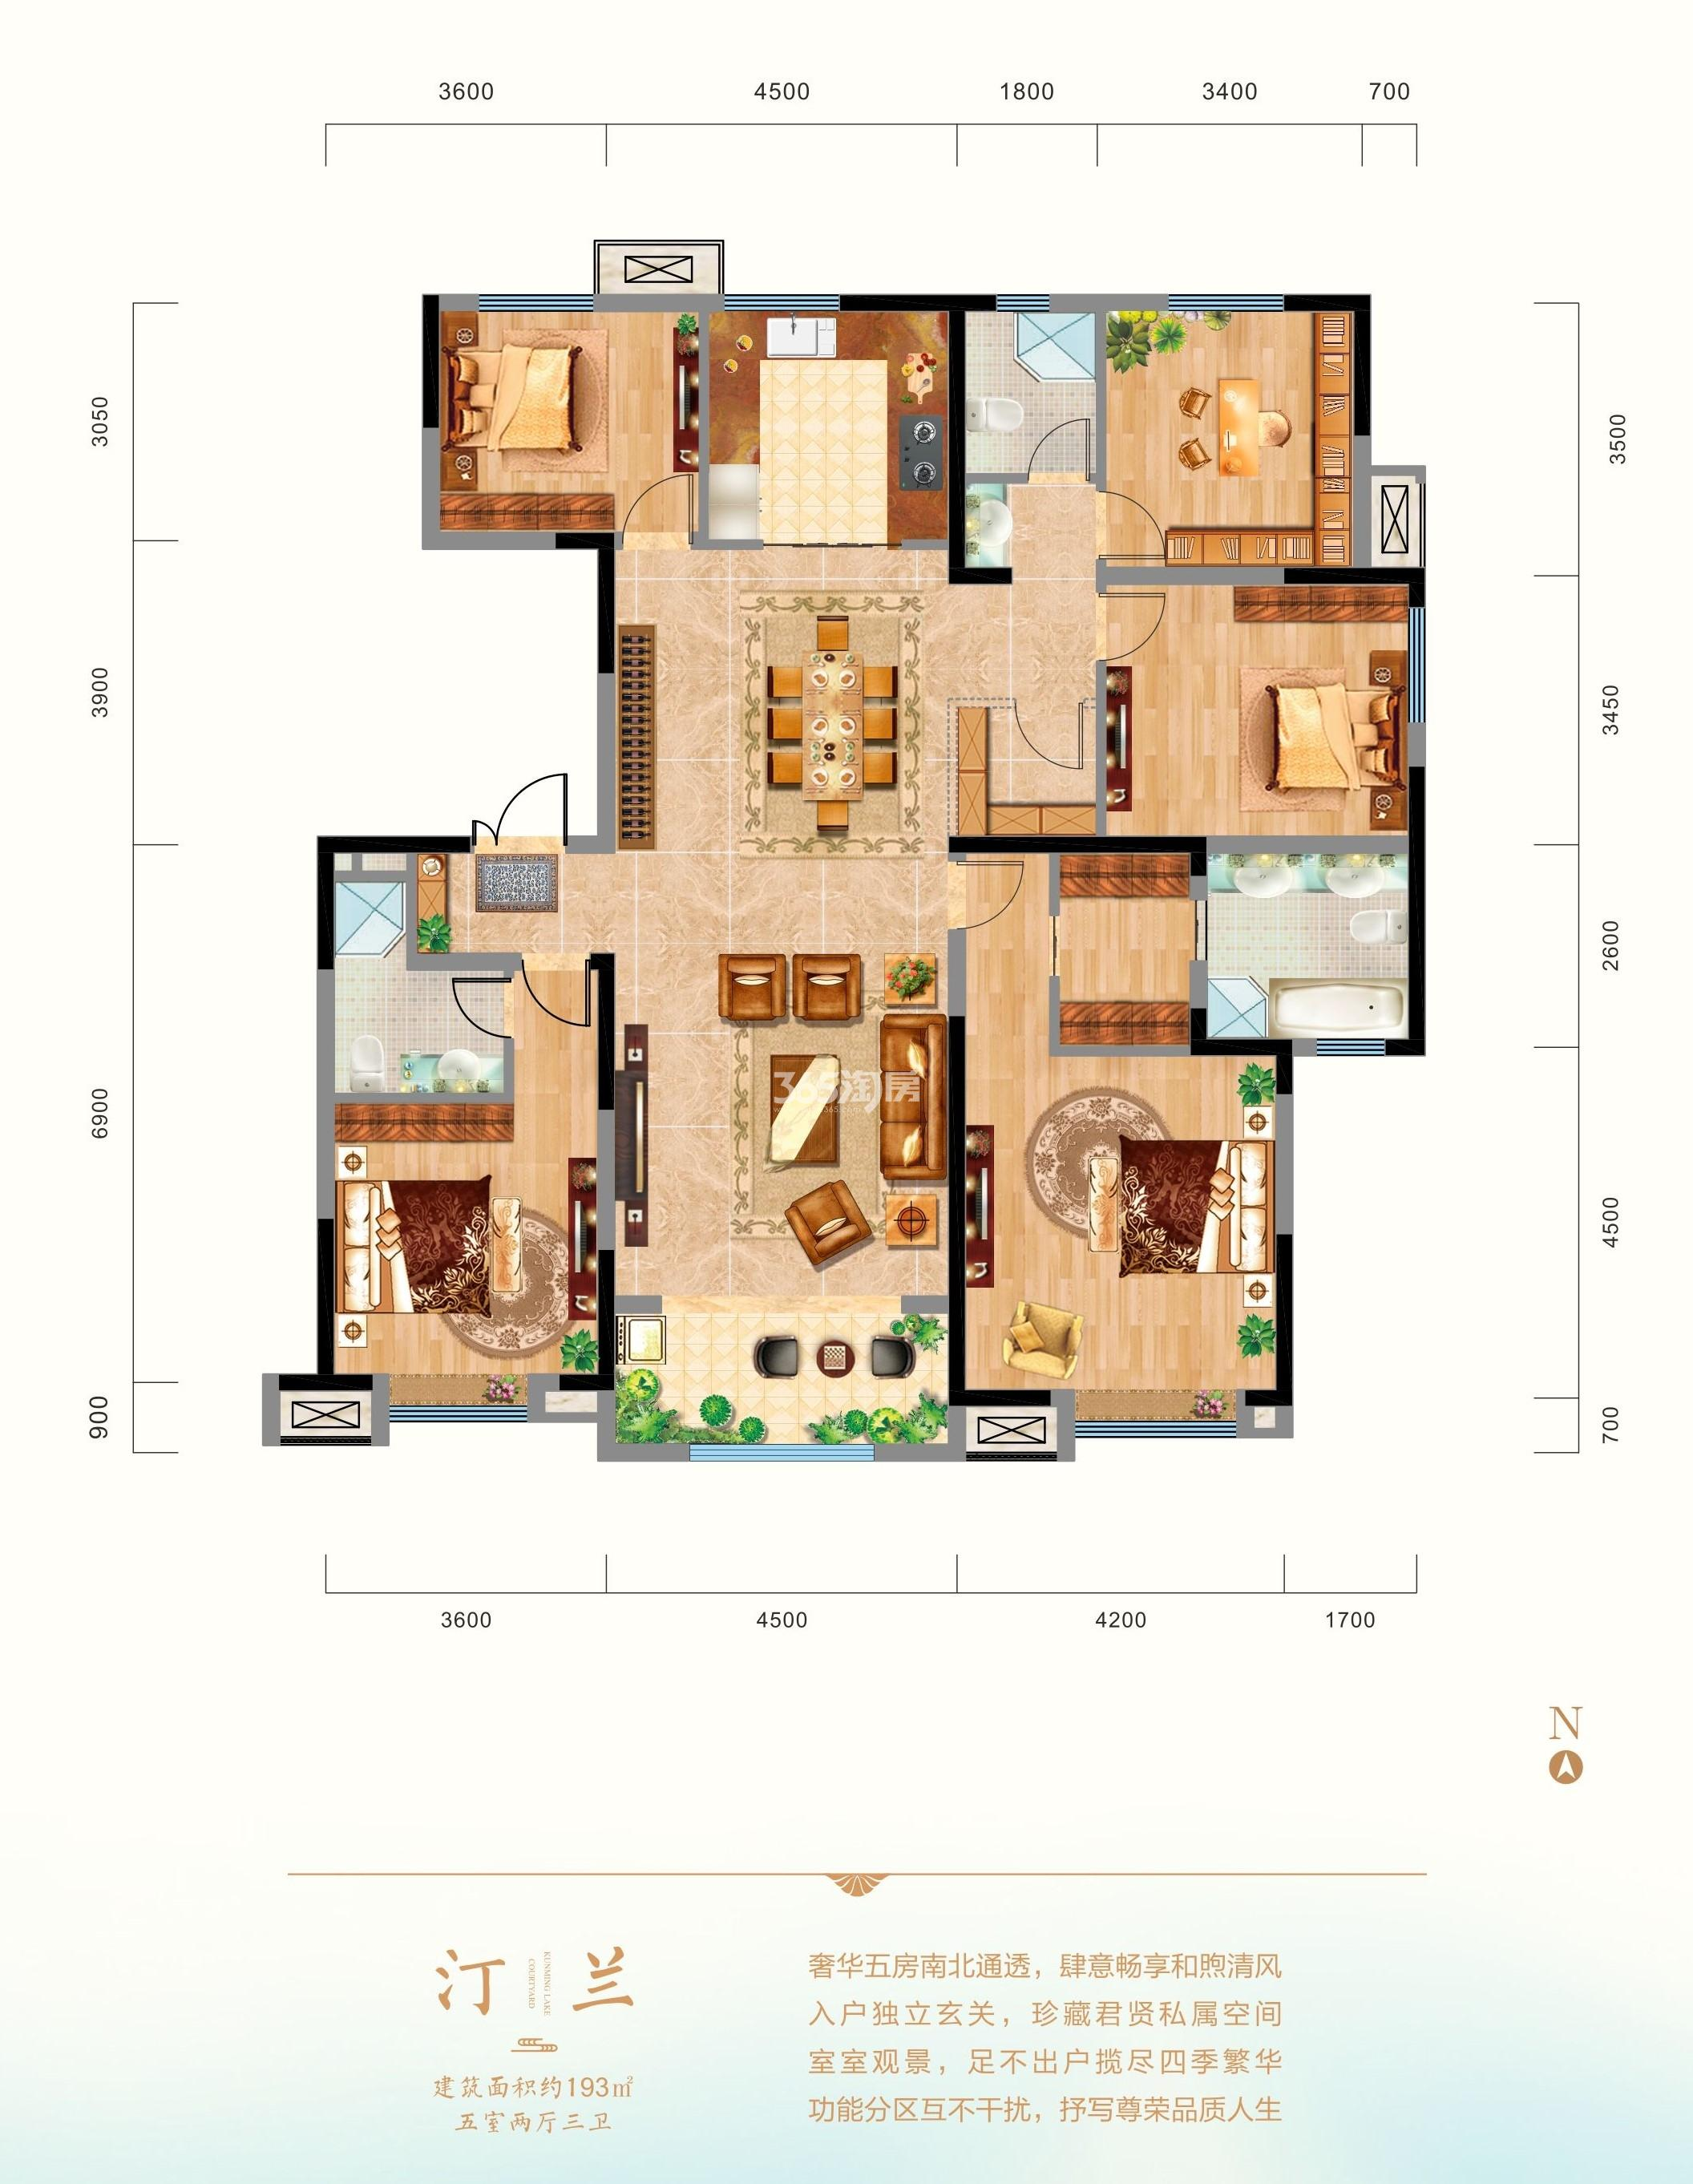 中建昆明澜庭五室两厅193㎡户型图